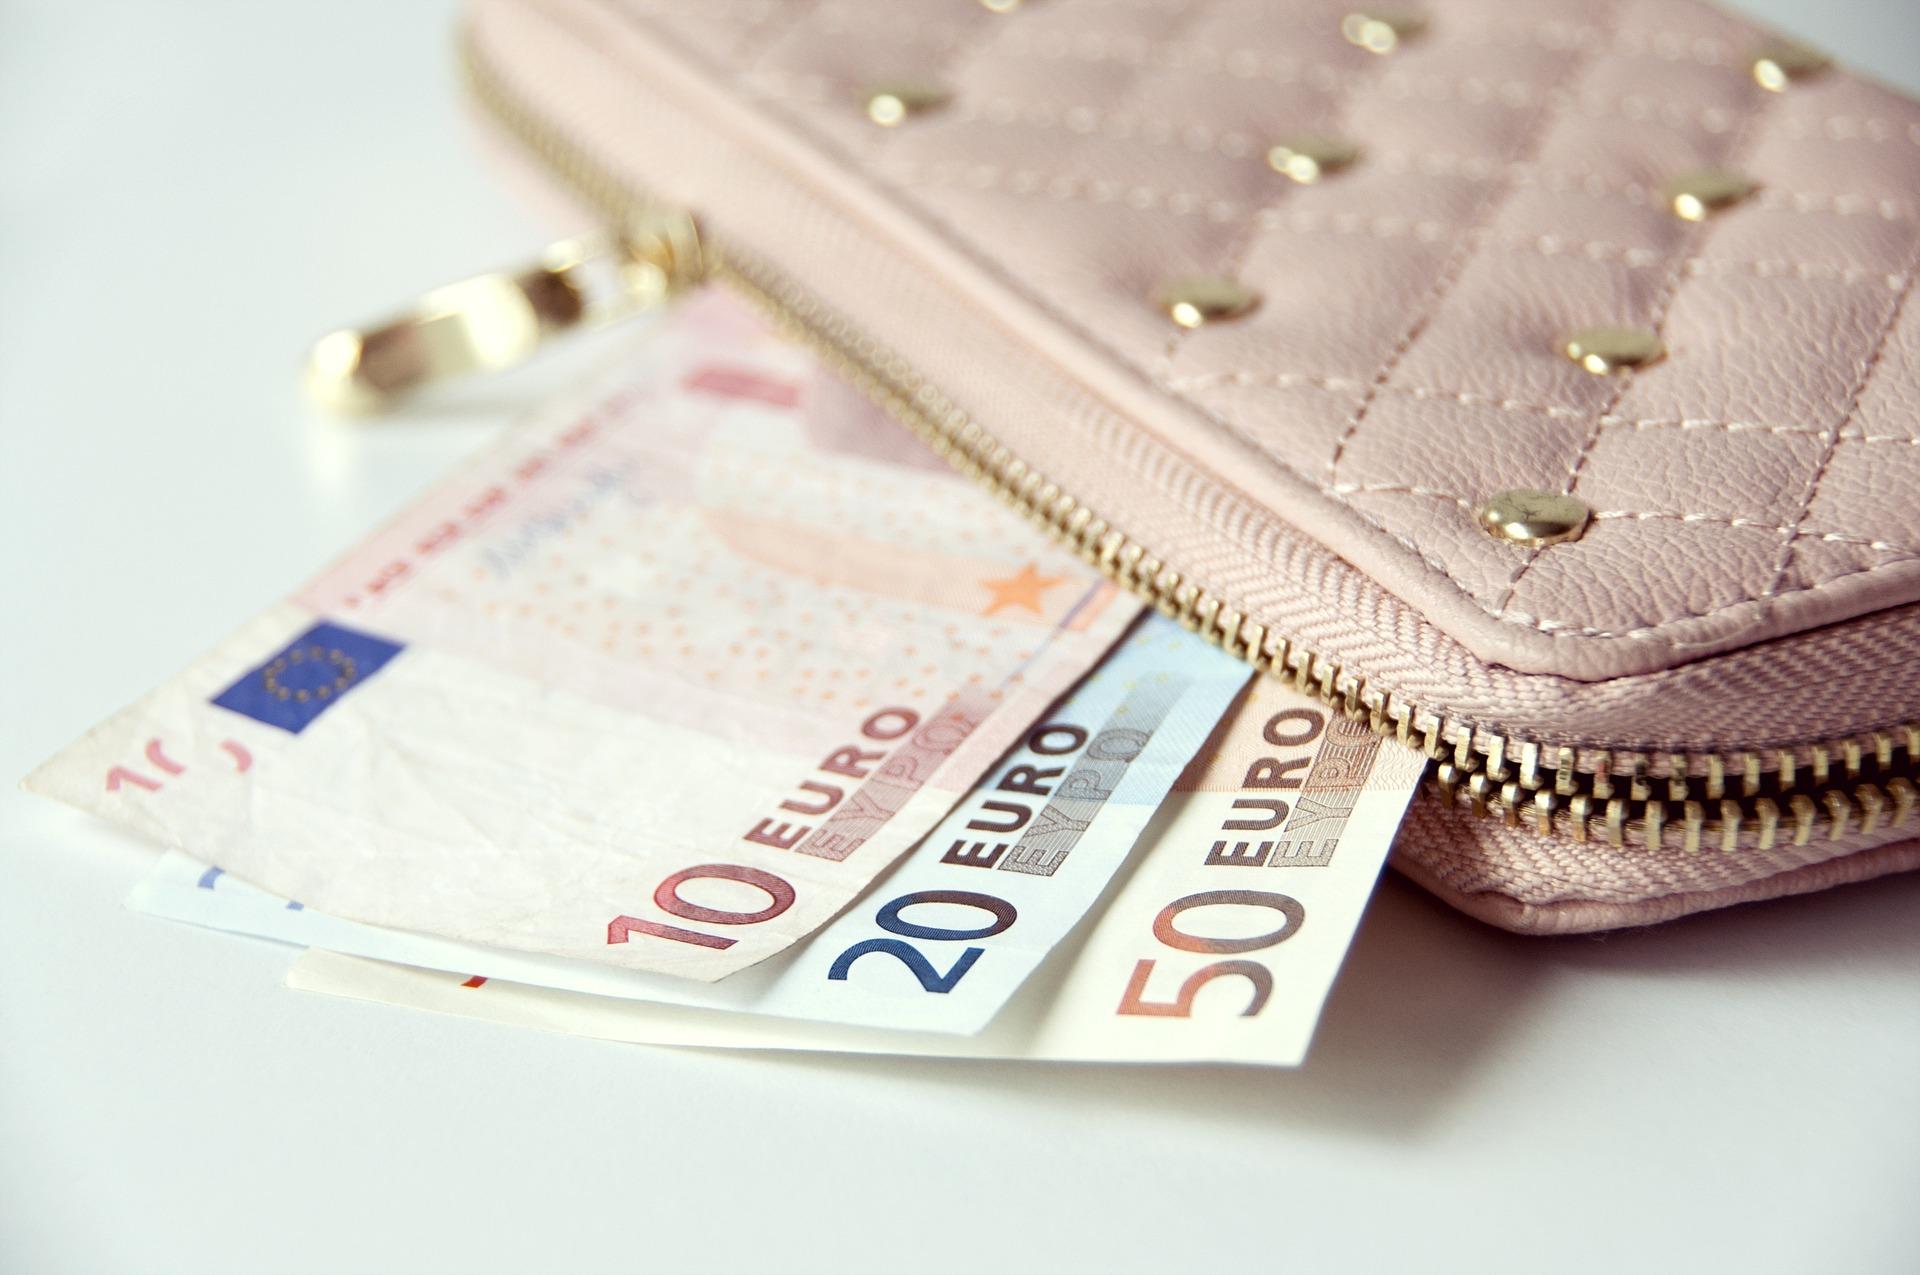 Peňaženky, naša truhlica spokladom - vec ktorú používame častejšie ako si vôbec uvedomujeme. Ako vybrať tú správnu?